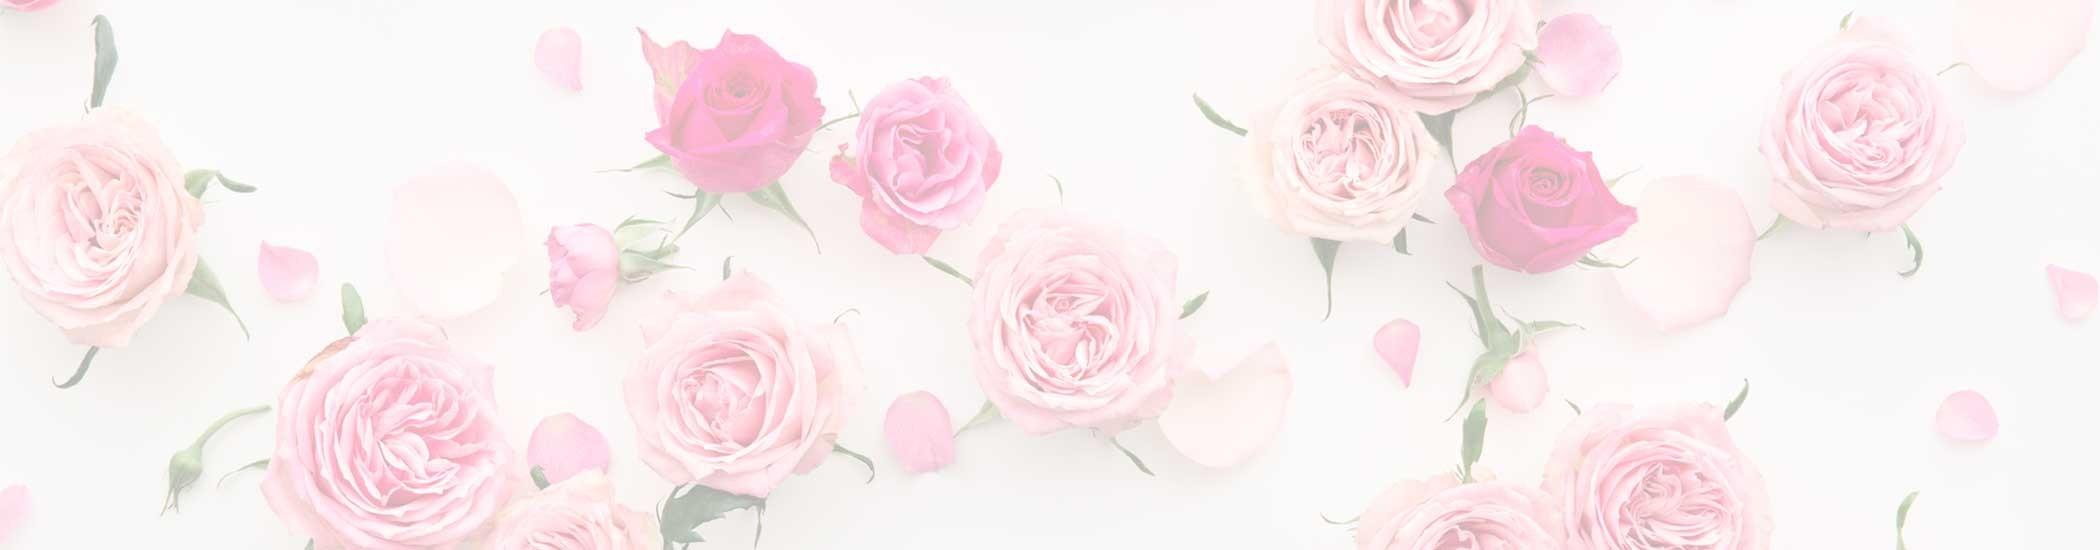 #entrega de rosas